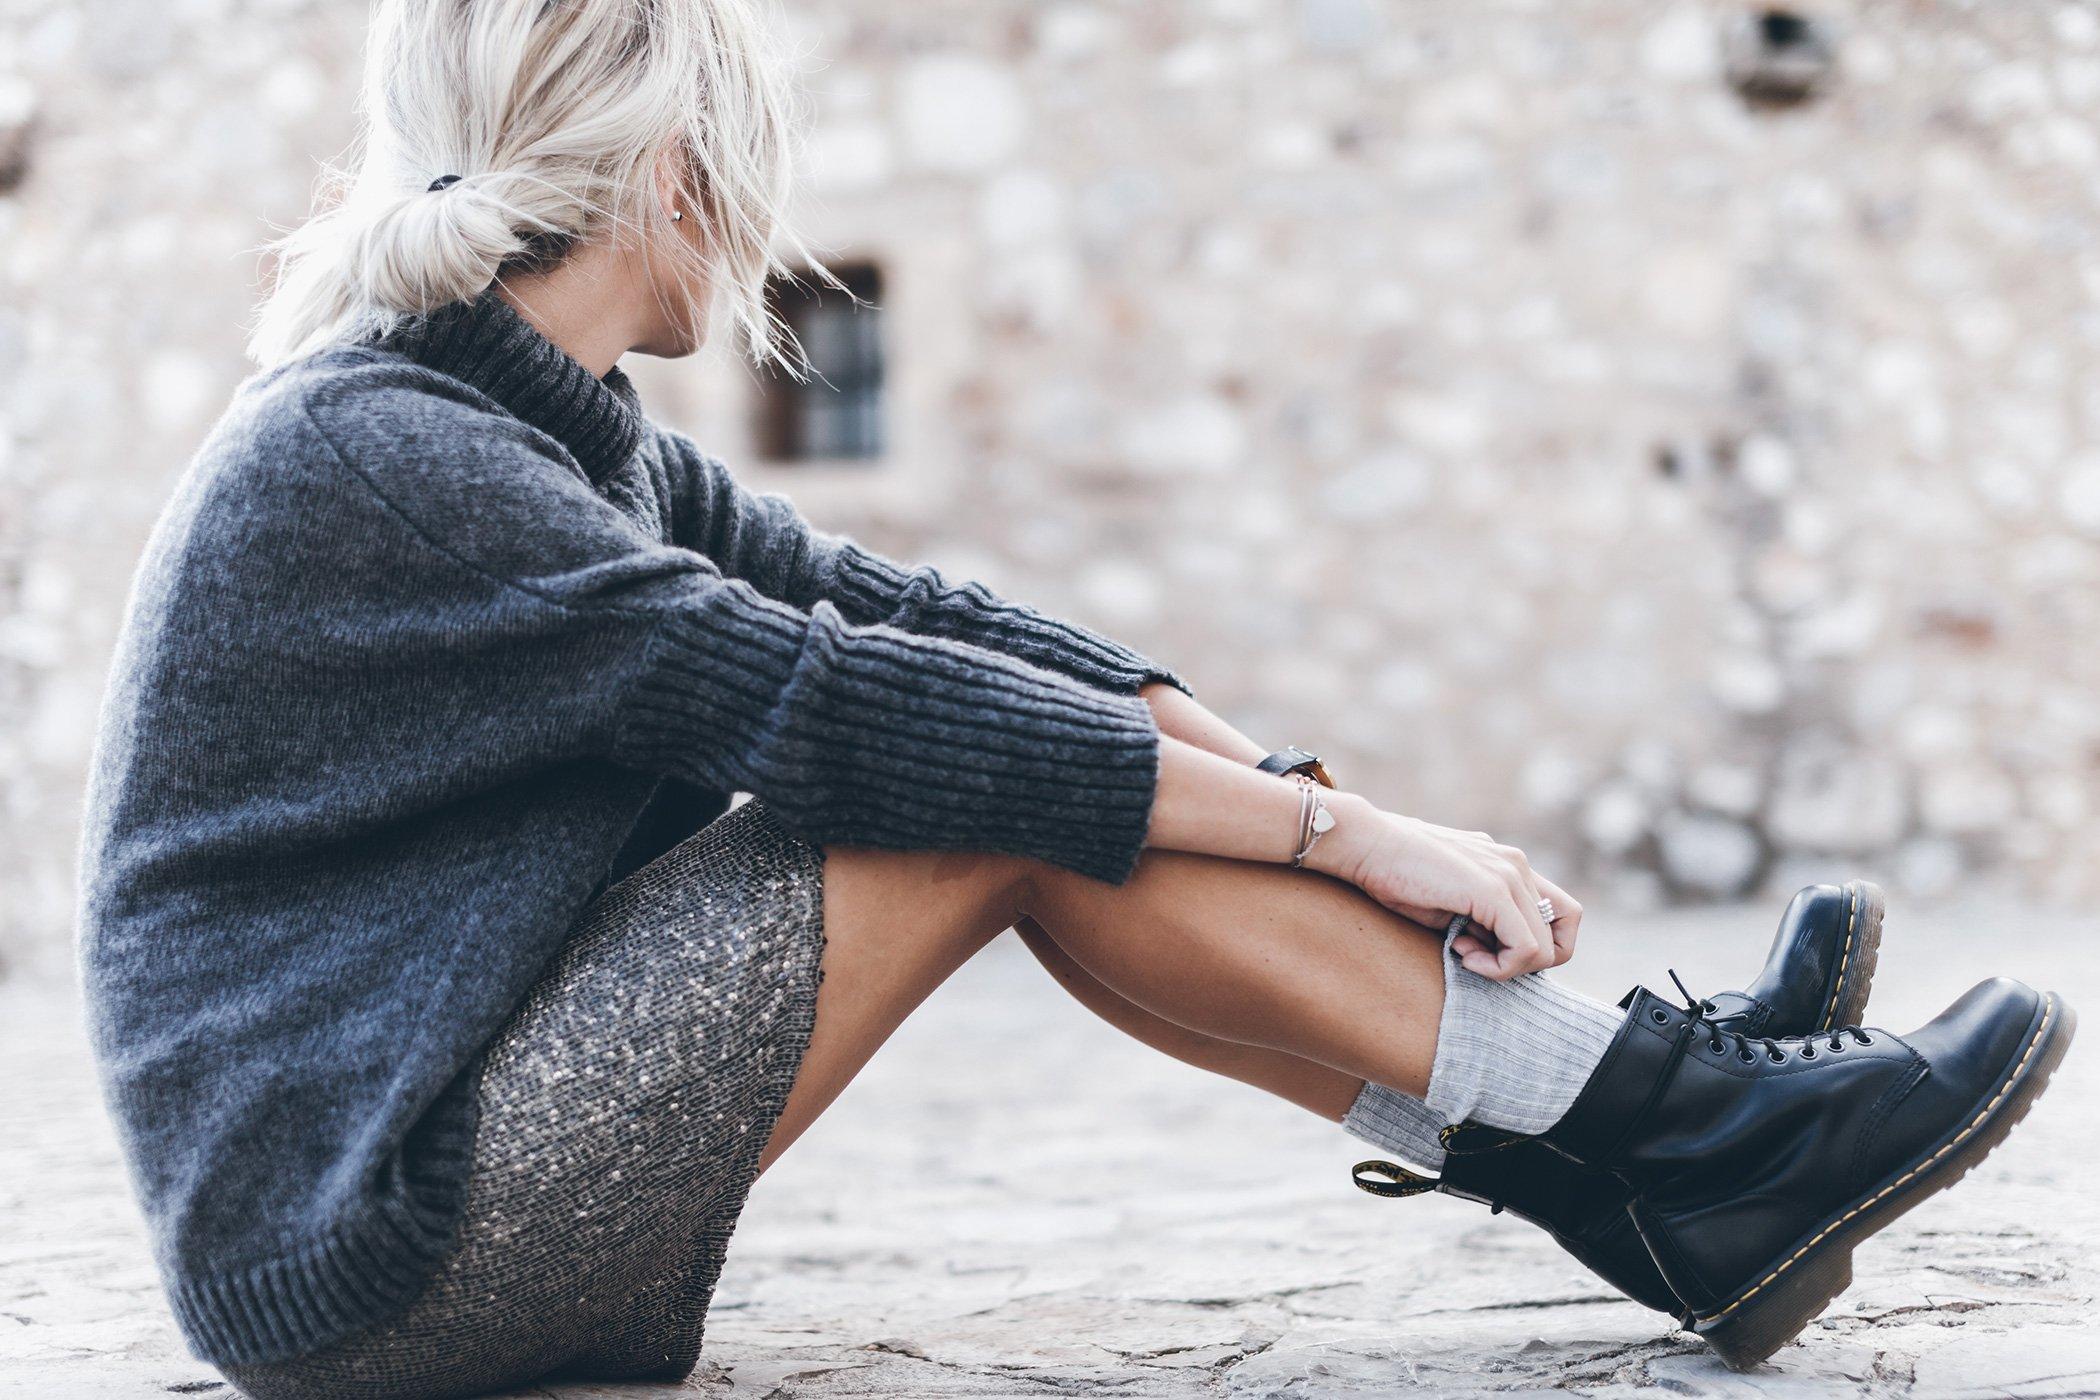 mikuta-cozy-in-vila-sweater-9